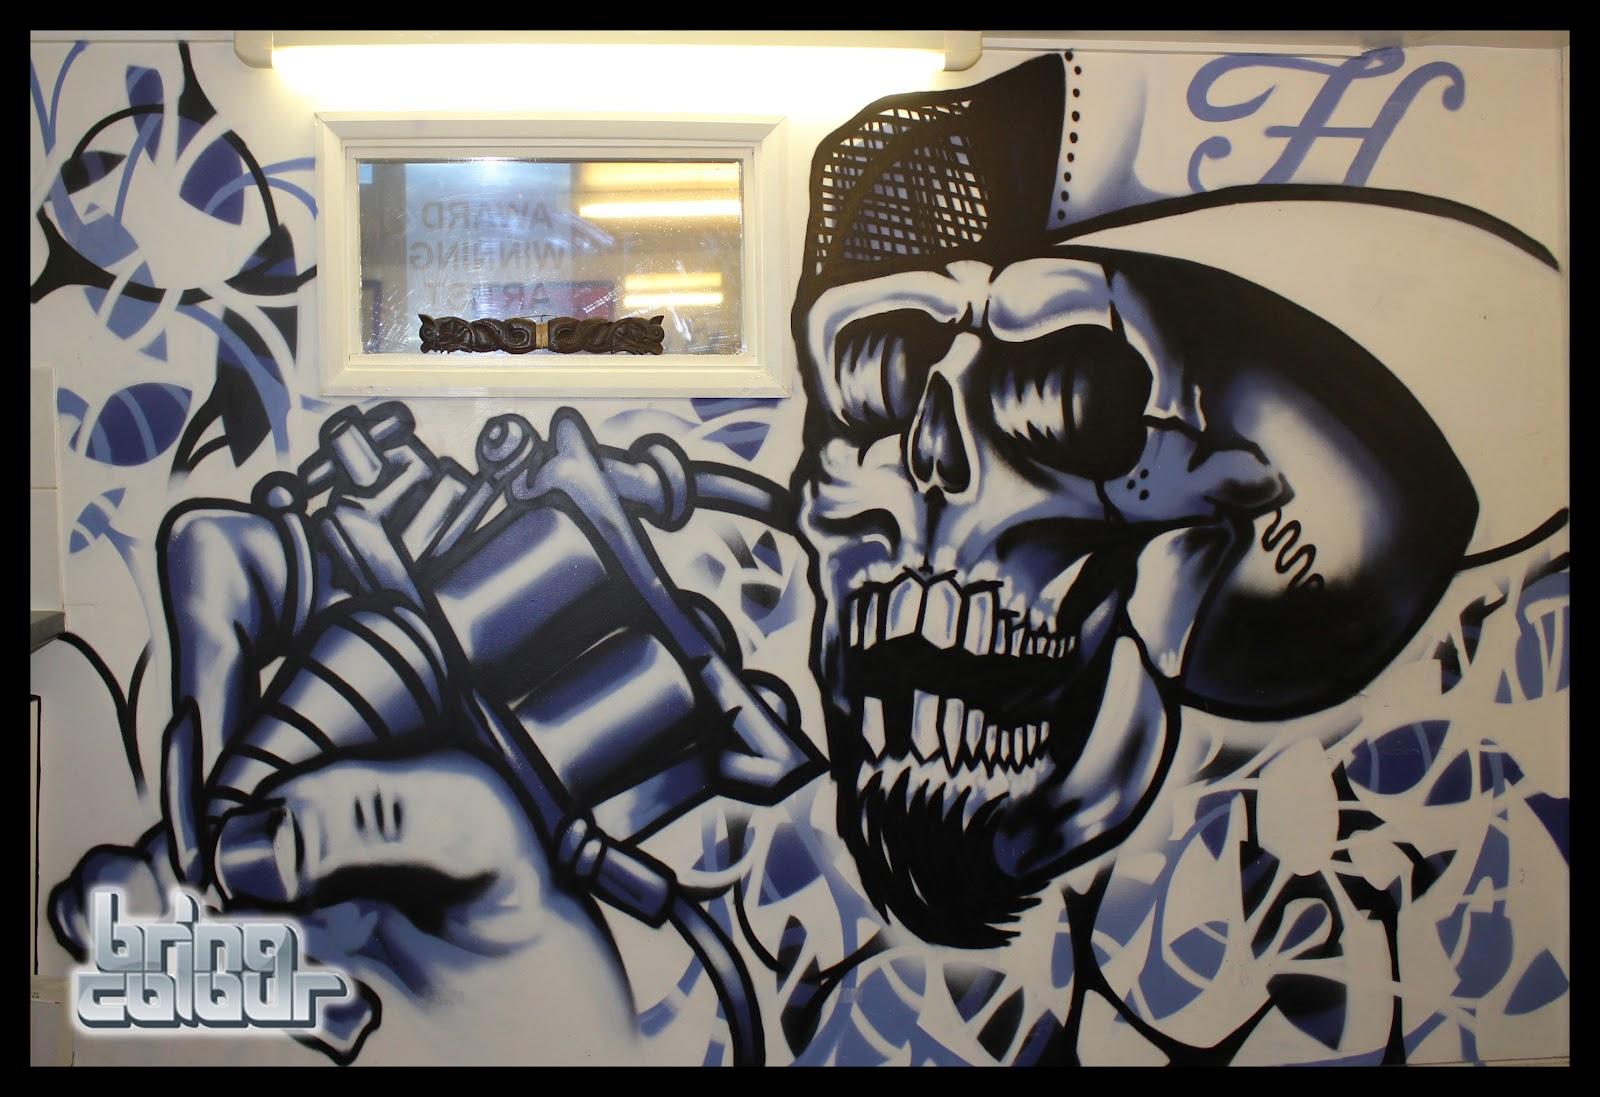 Tattoo Shop Exterior Interior walls, exterior walls